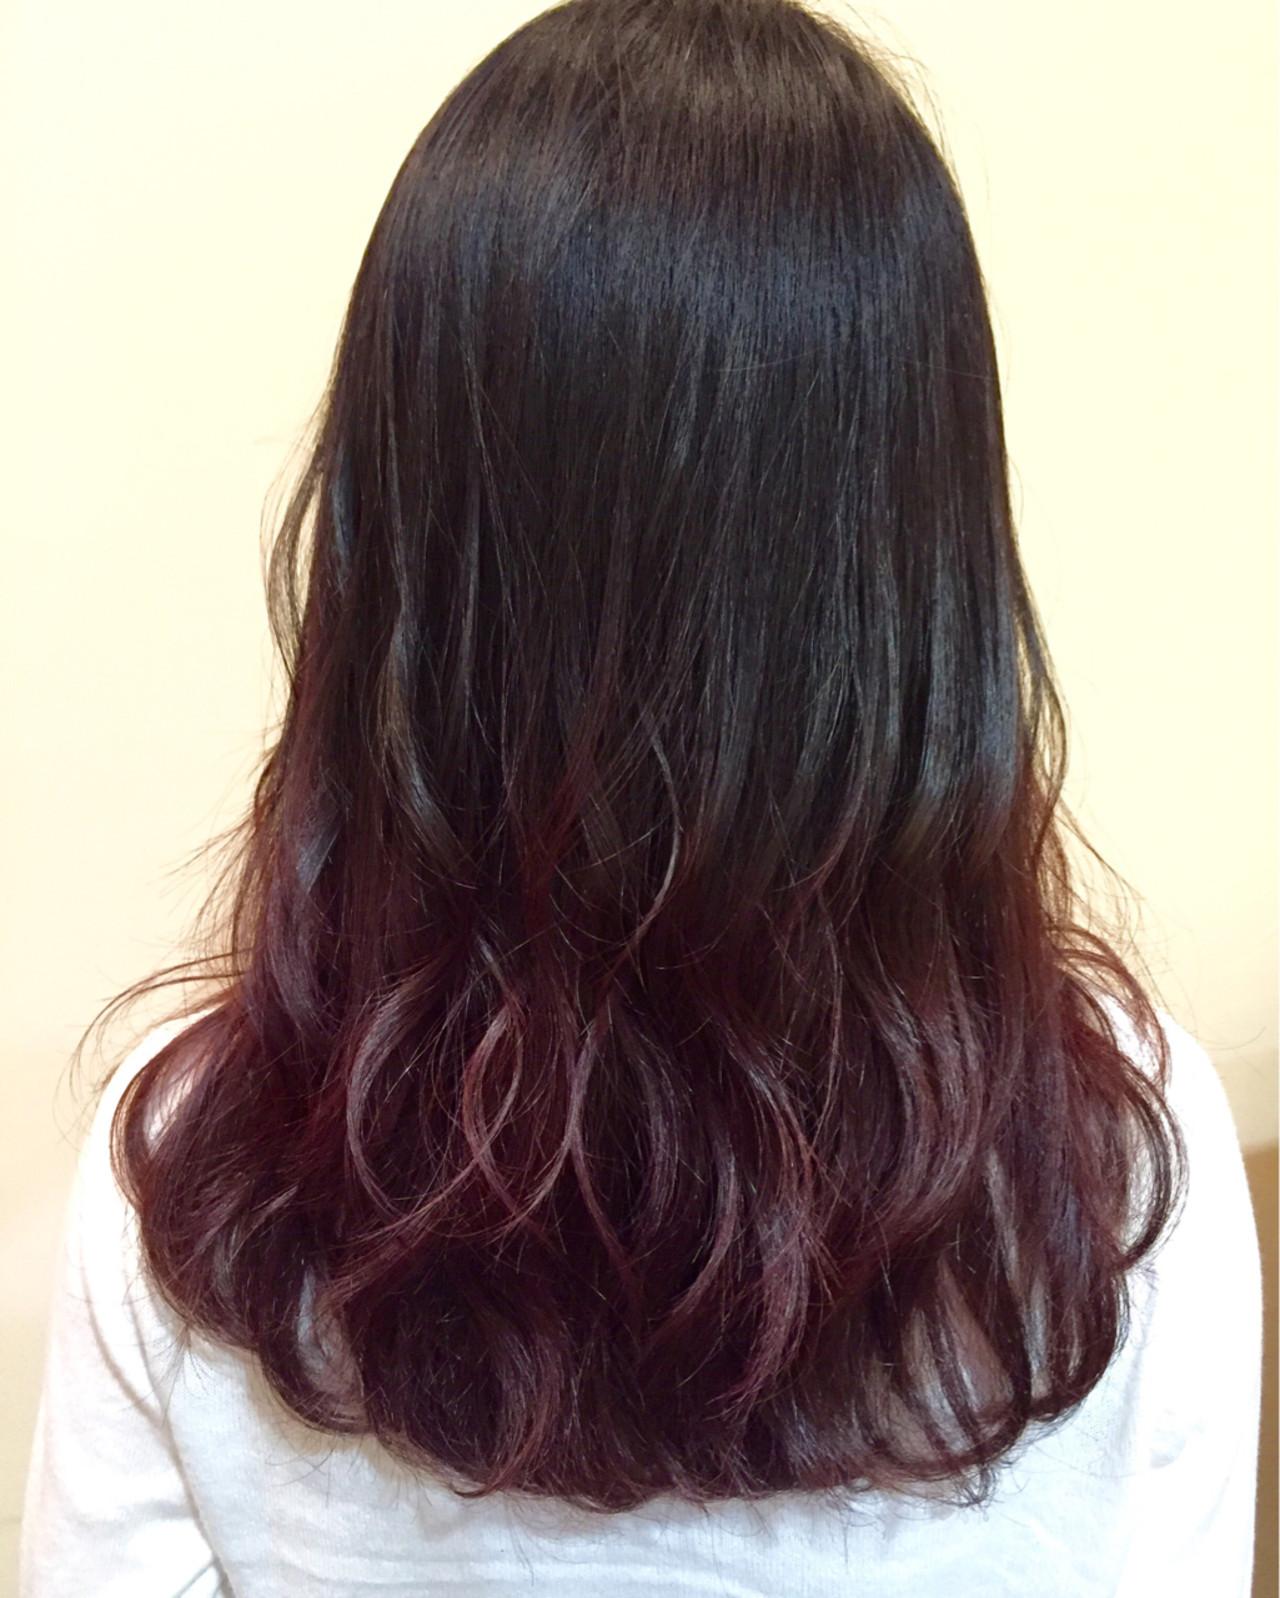 ピンク ブリーチなし セミロング レッド ヘアスタイルや髪型の写真・画像 | 羽鳥 克哉 / kellys green